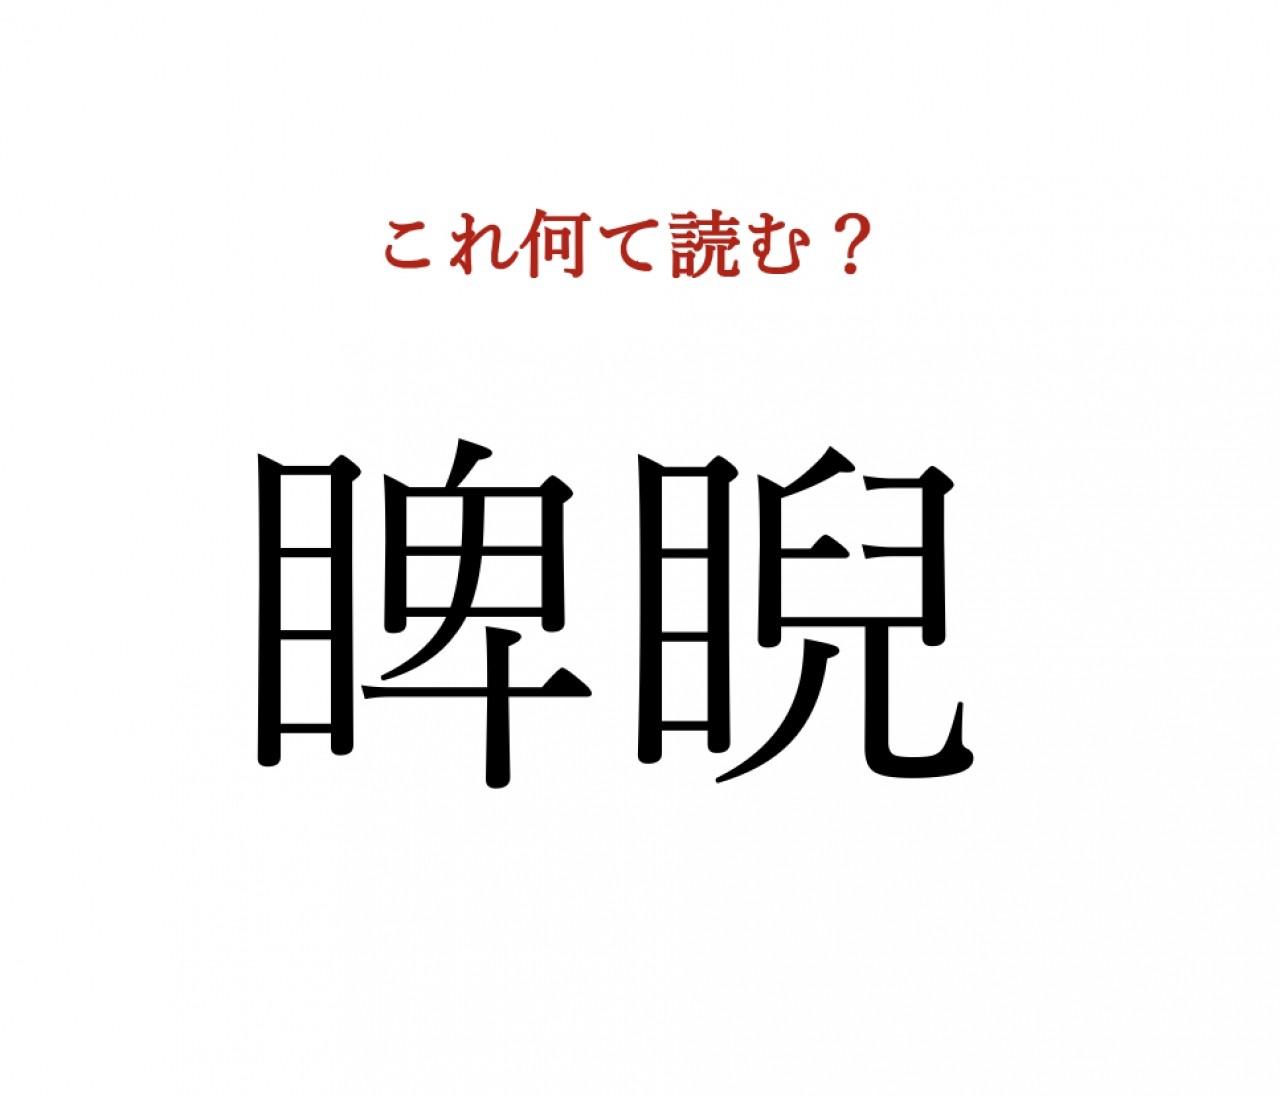 「睥睨」:この漢字、自信を持って読めますか?【働く大人の漢字クイズvol.17】